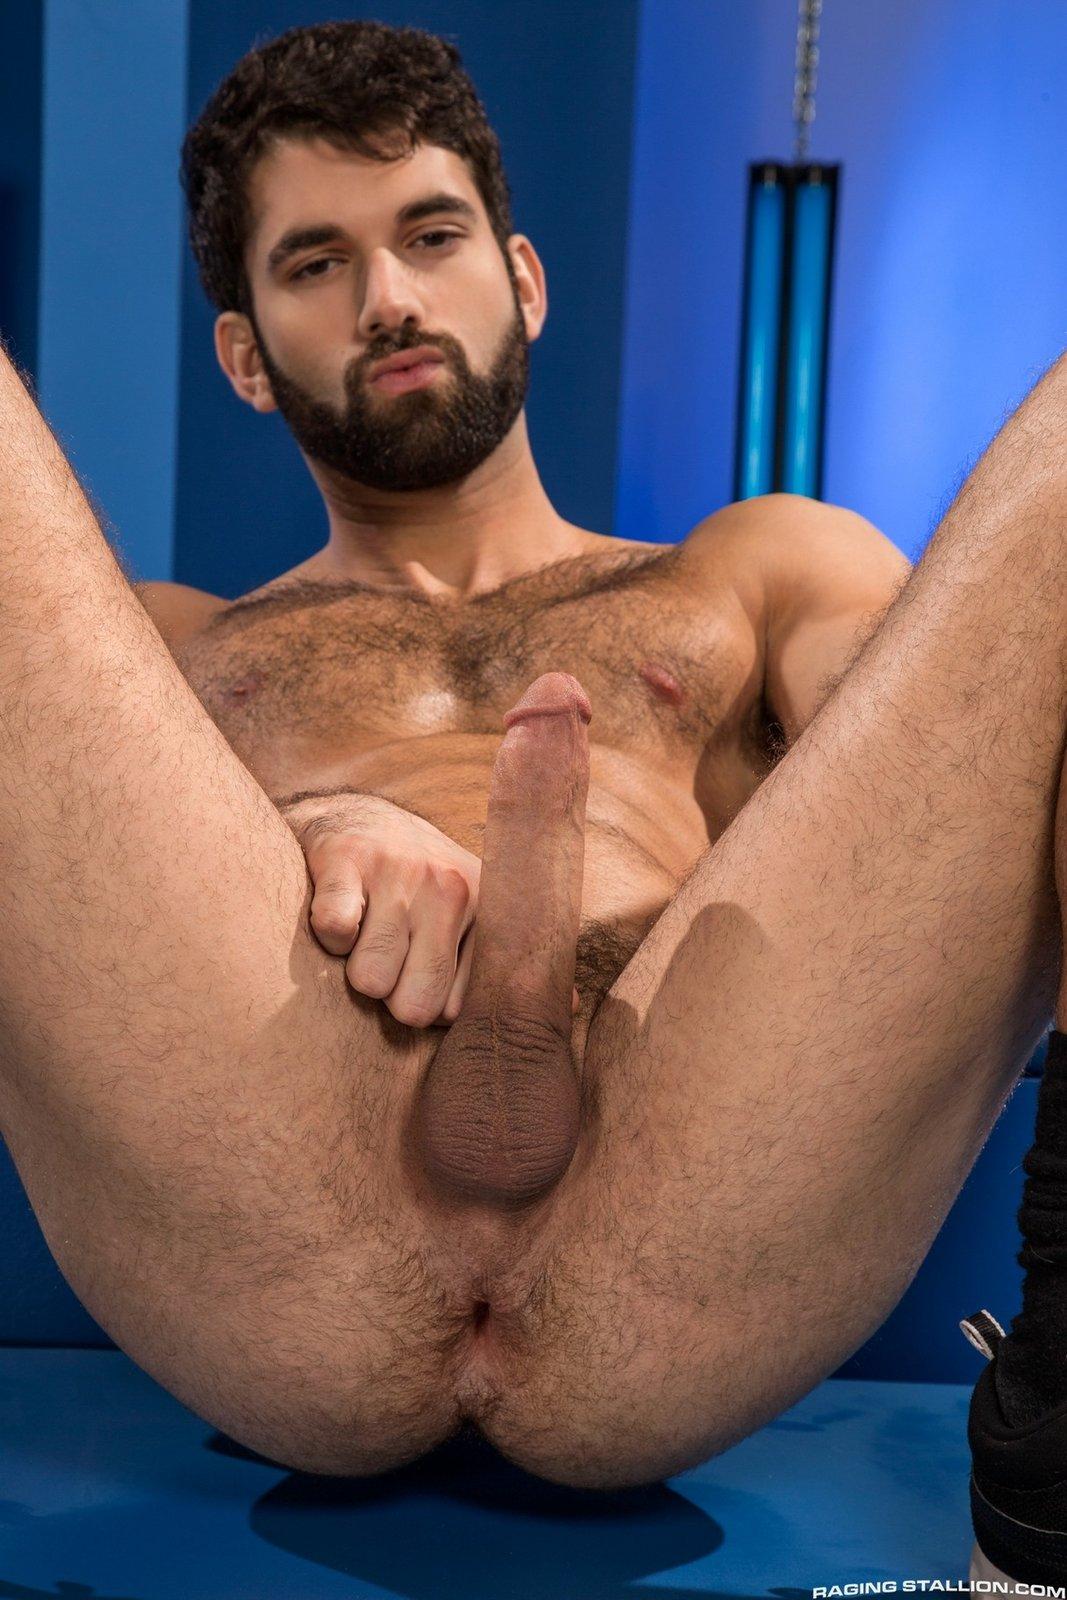 homo bilder av nakne menn xxx escort